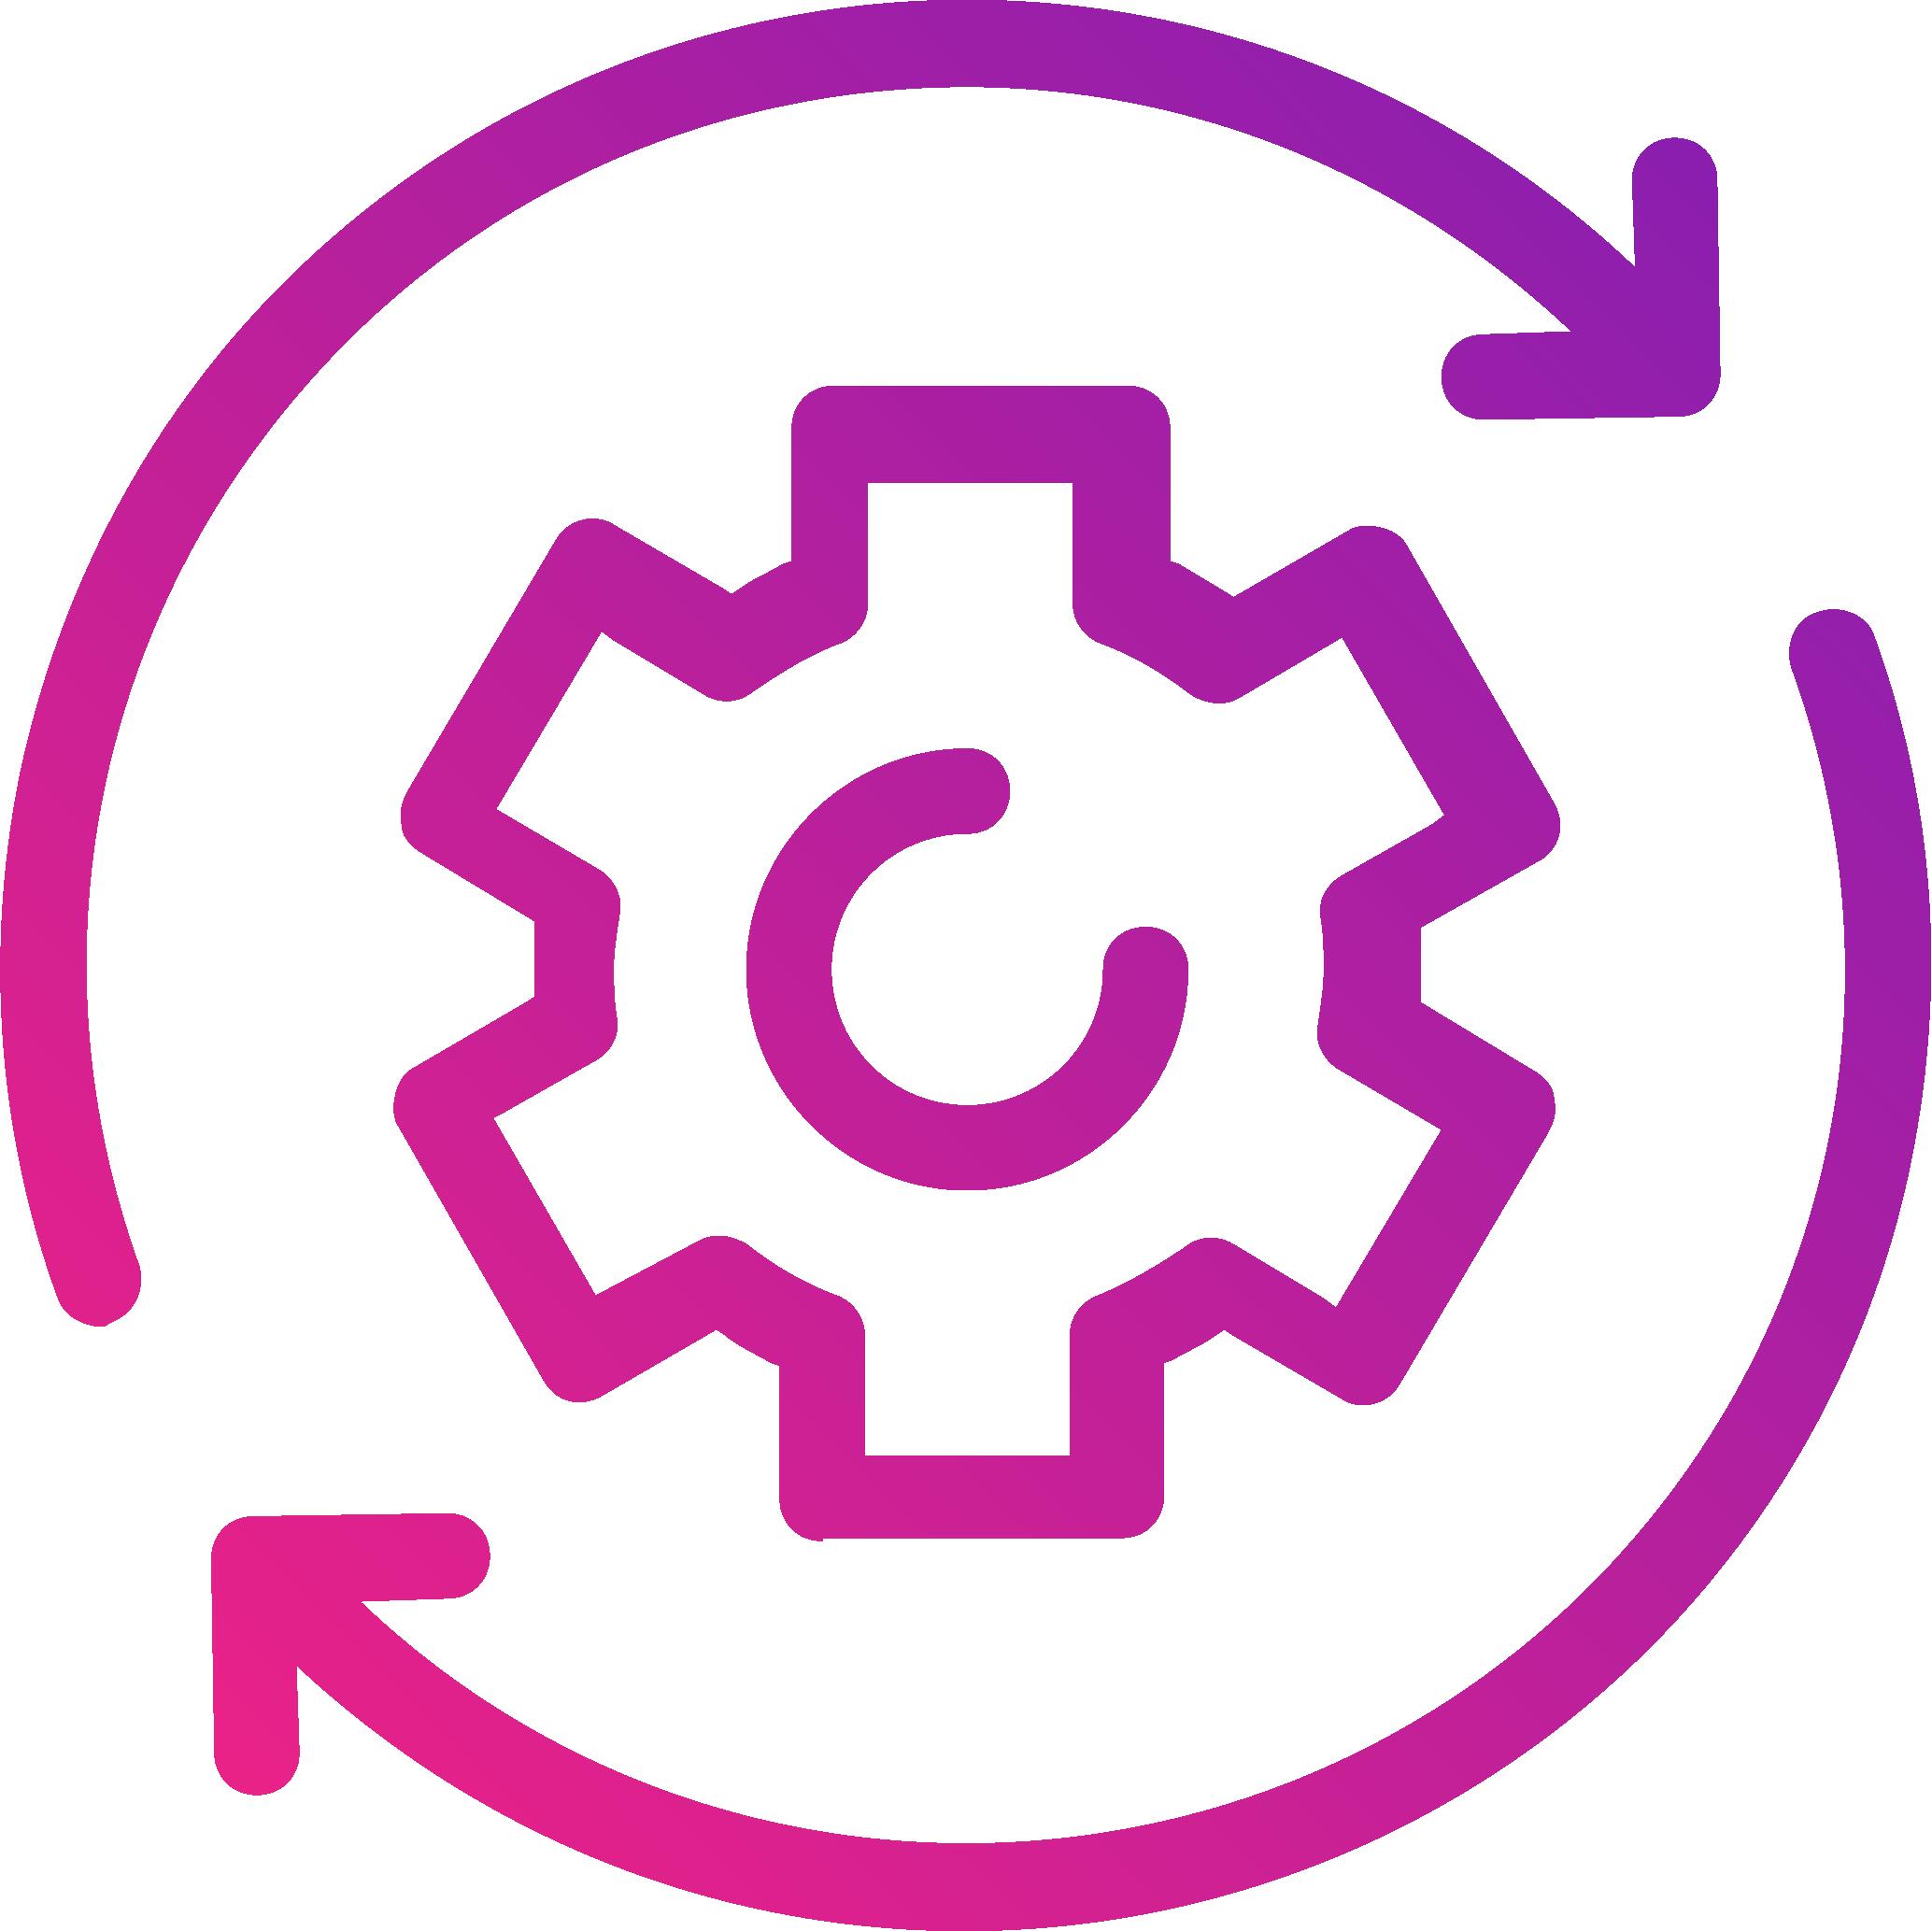 optimise space utilisation - icon